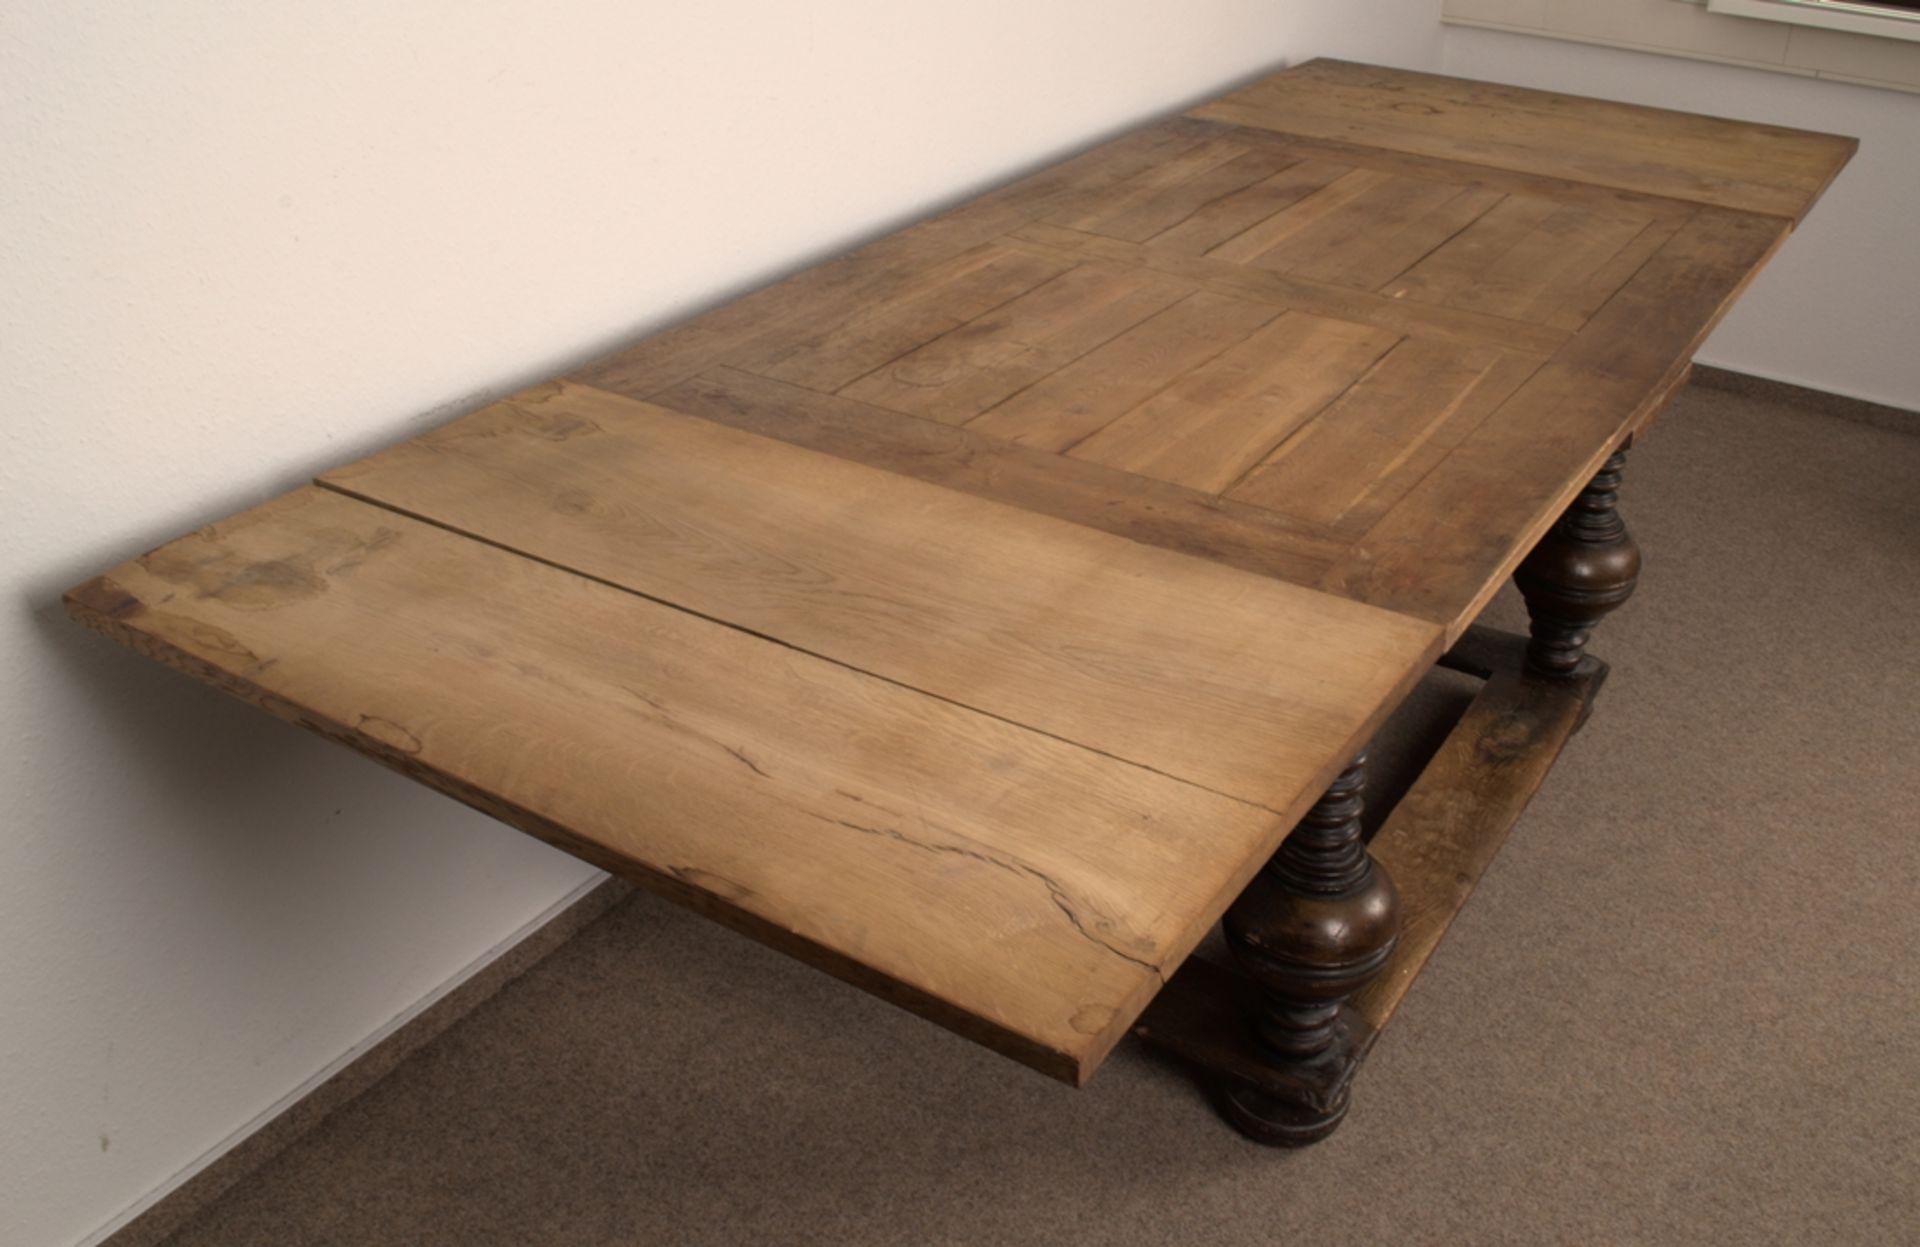 Großer Auszugstisch, Franken um 1730/50. Querverstrebter Tischunterbau mit kräftigen Balusterbeinen, - Bild 26 aus 36